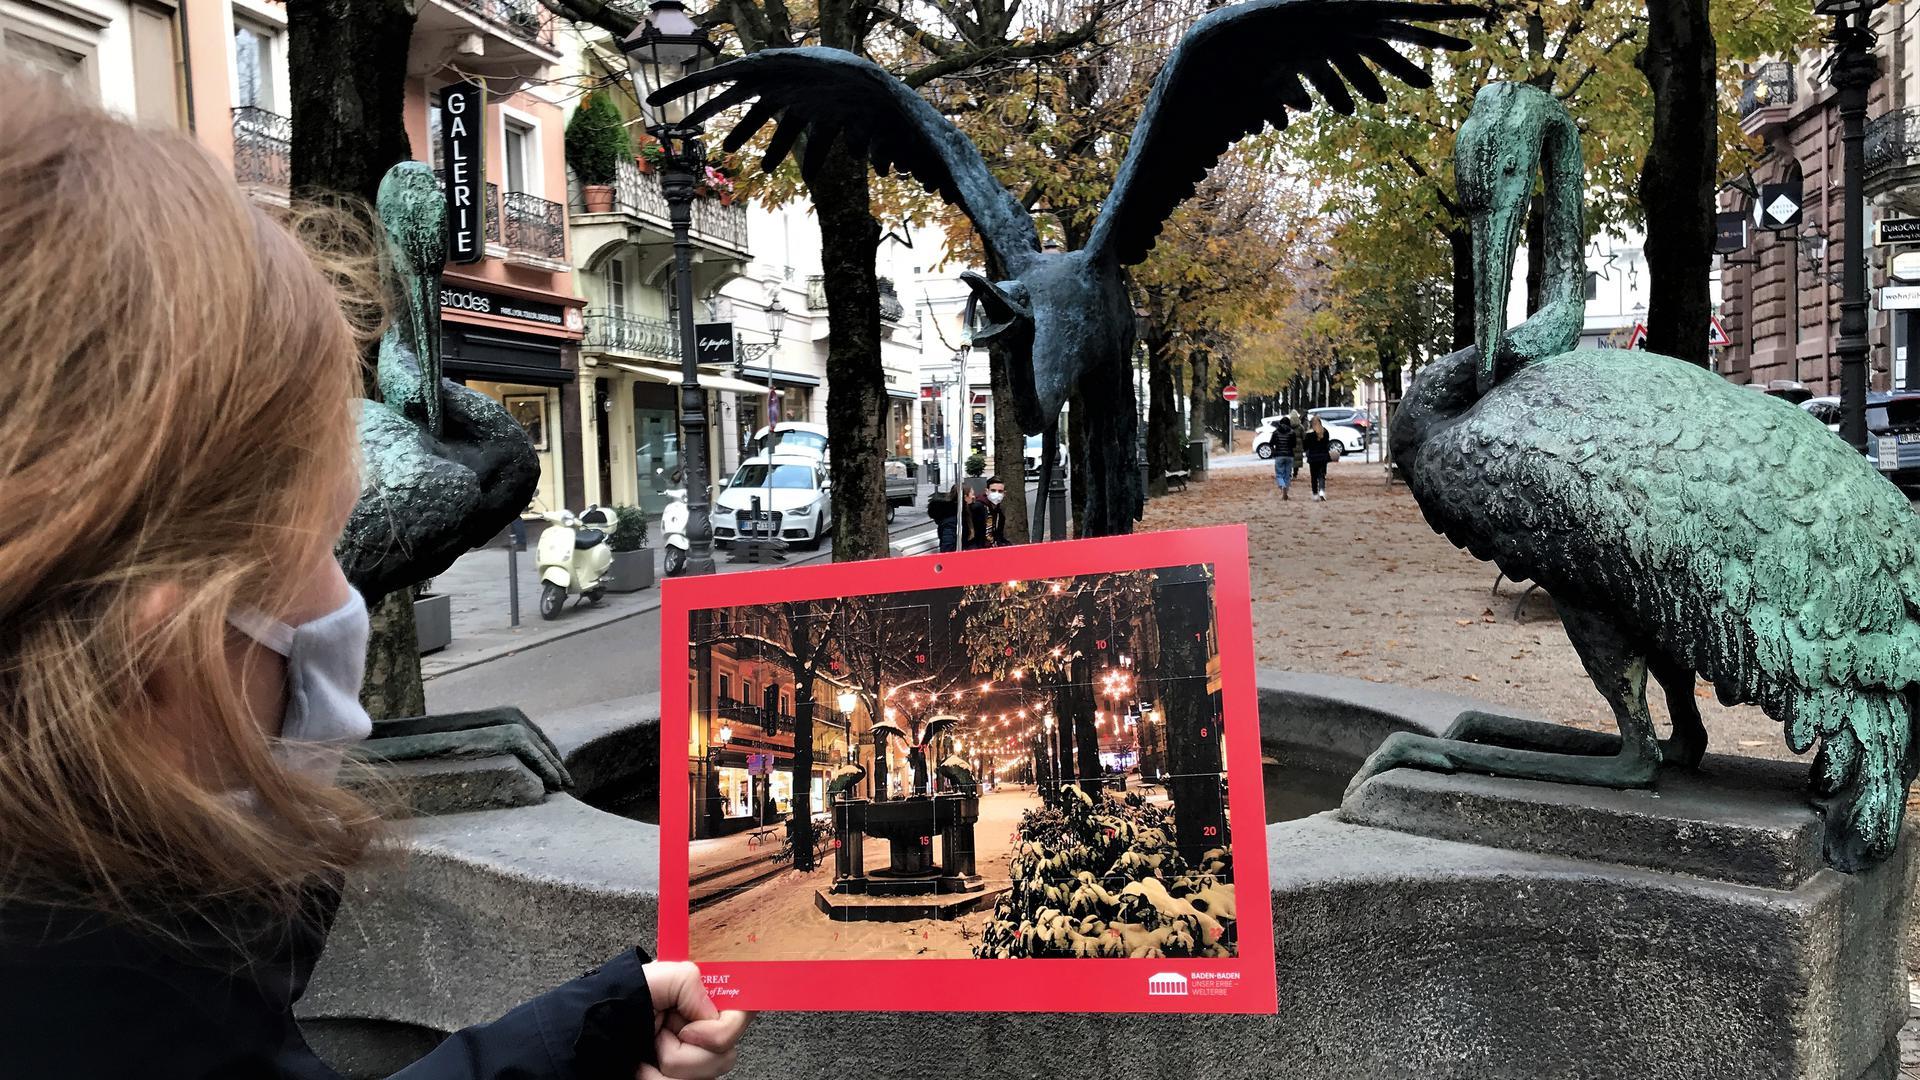 Ein Frau betrachtet den Welterbe-Adventskalender der Stadt Baden-Baden vor dem Reiherbrunnen in der Sophienstraße